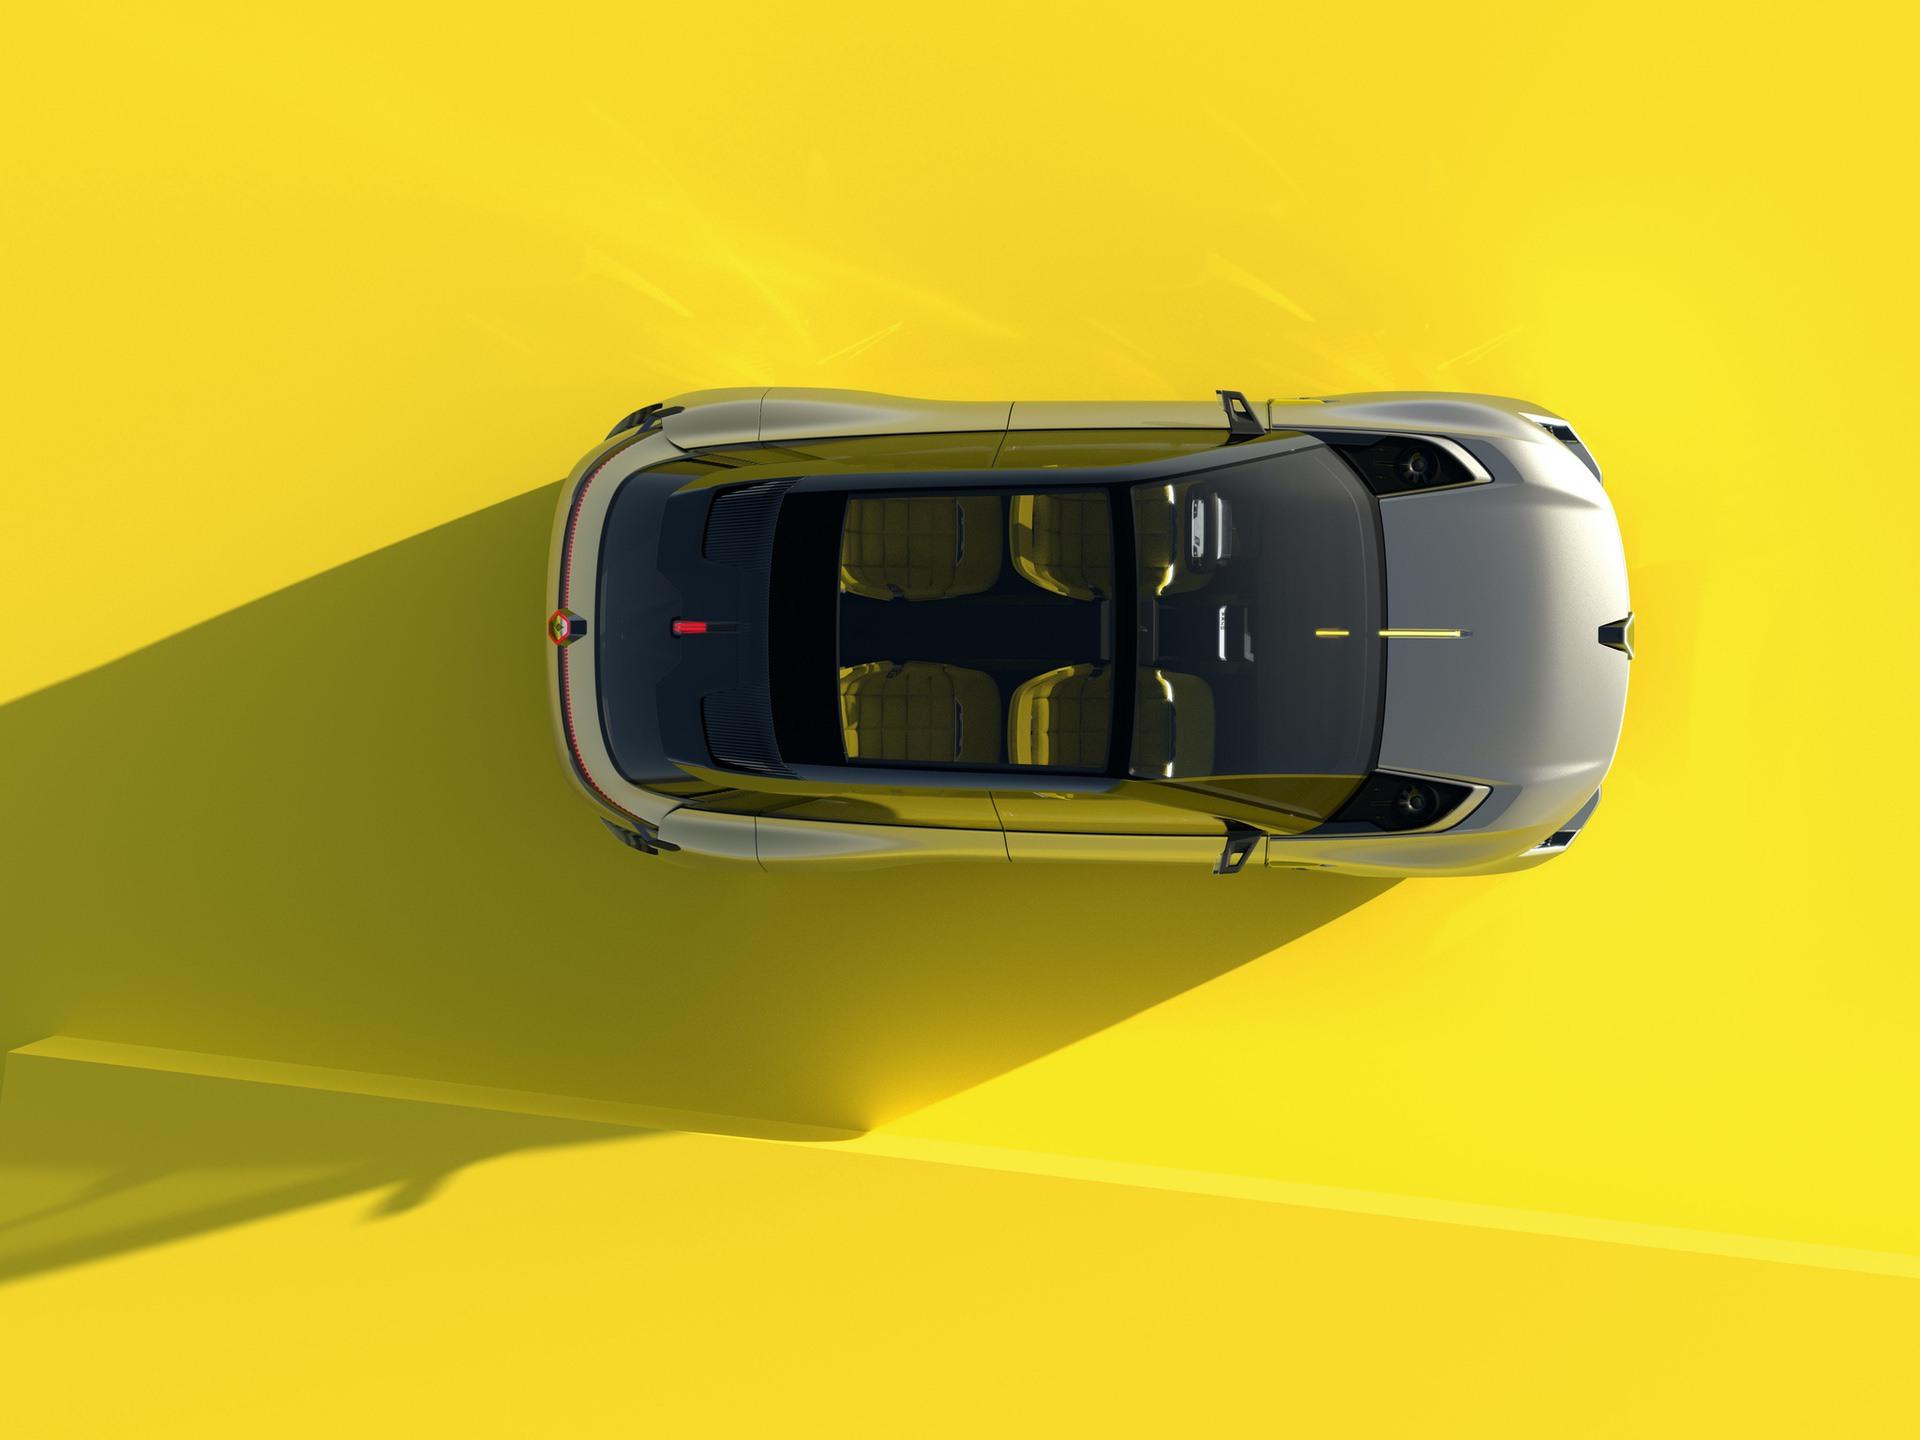 Renault_Morphoz_concept_0020